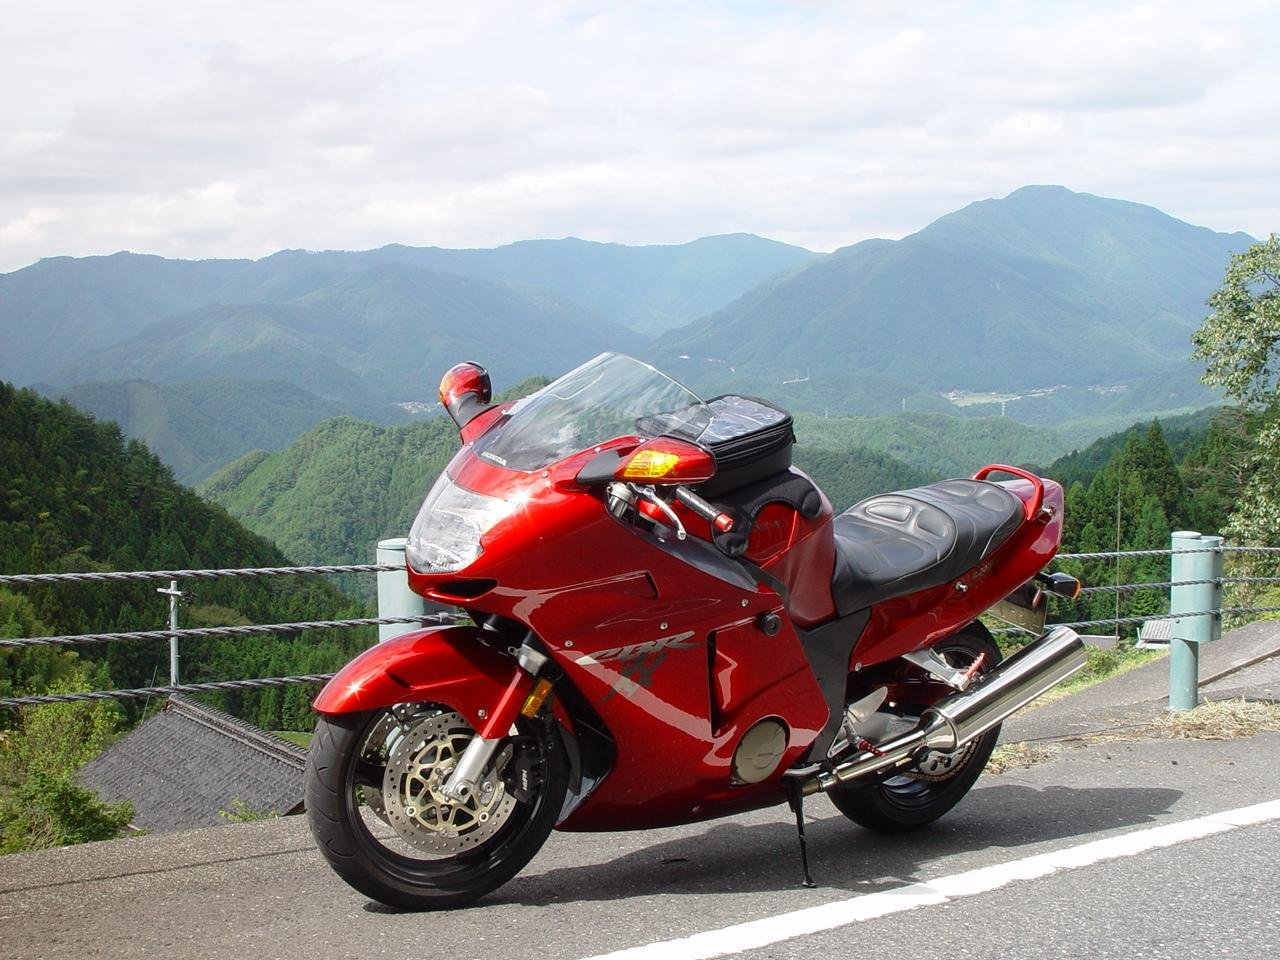 Топ 10 Самых лучших и быстрых мотоциклов в мире 2021